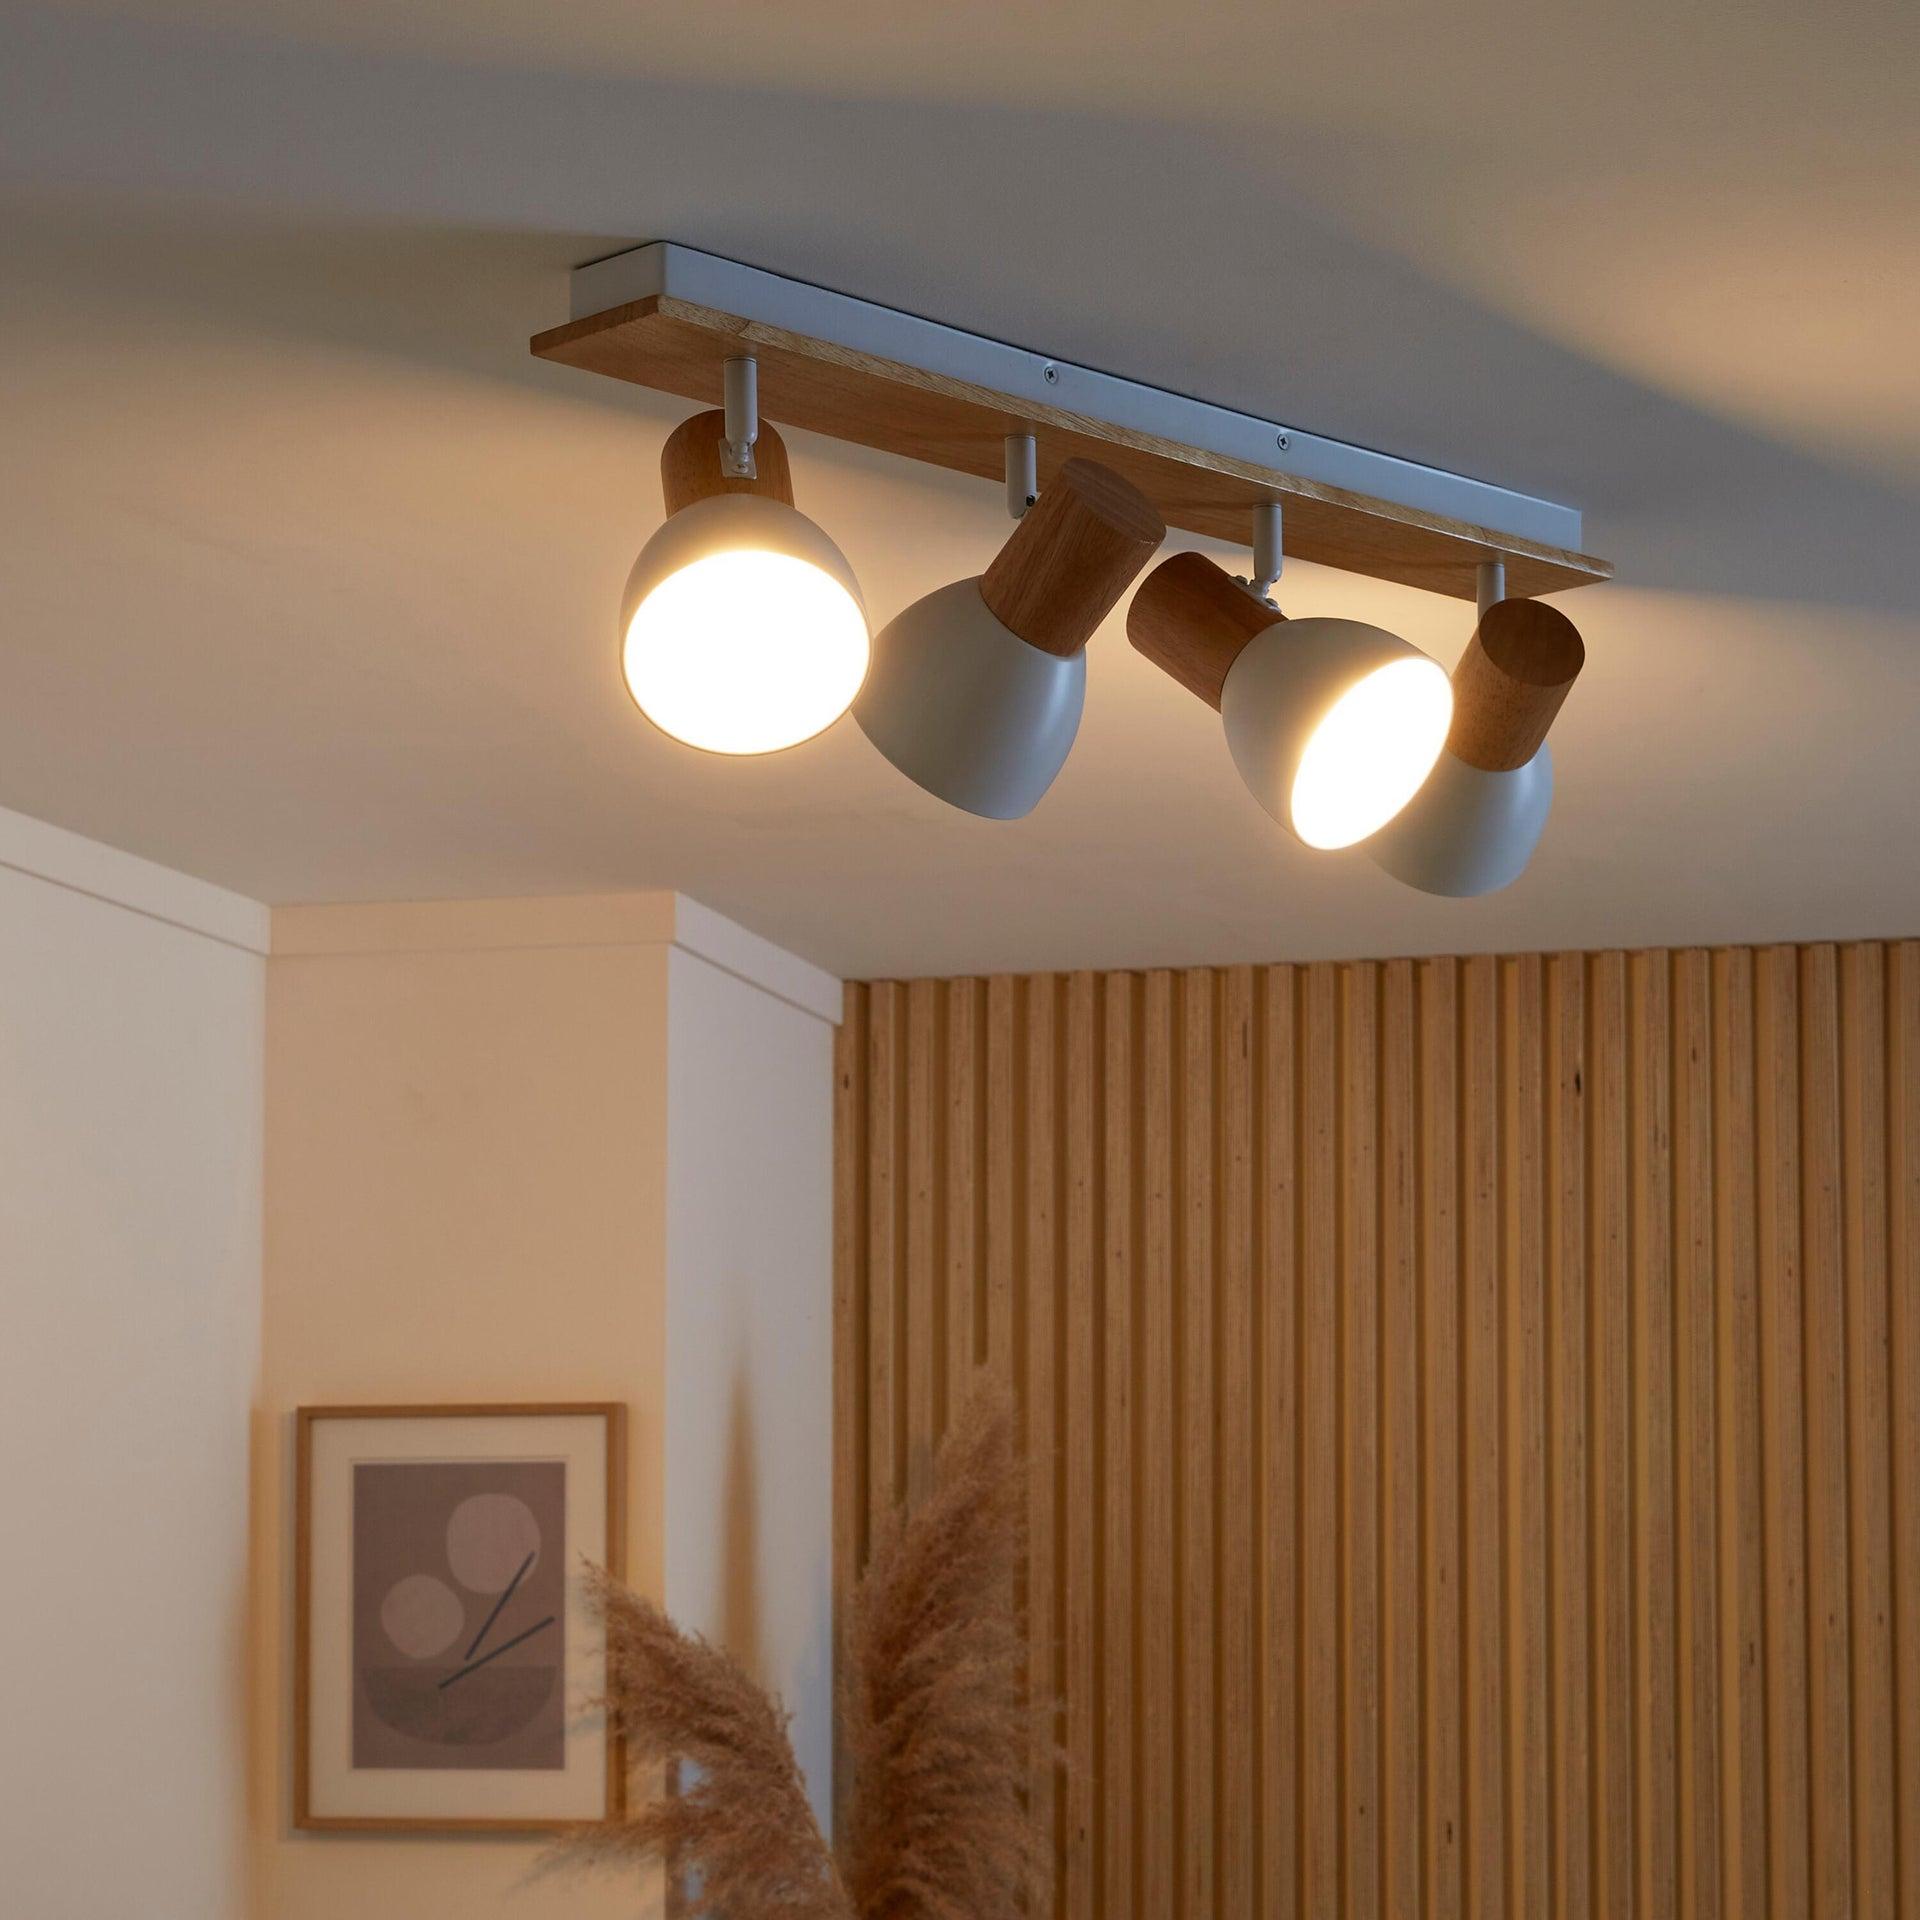 Faretto a muro Venosa bianco/legno, in metallo, E14 4xIP20 INSPIRE - 2